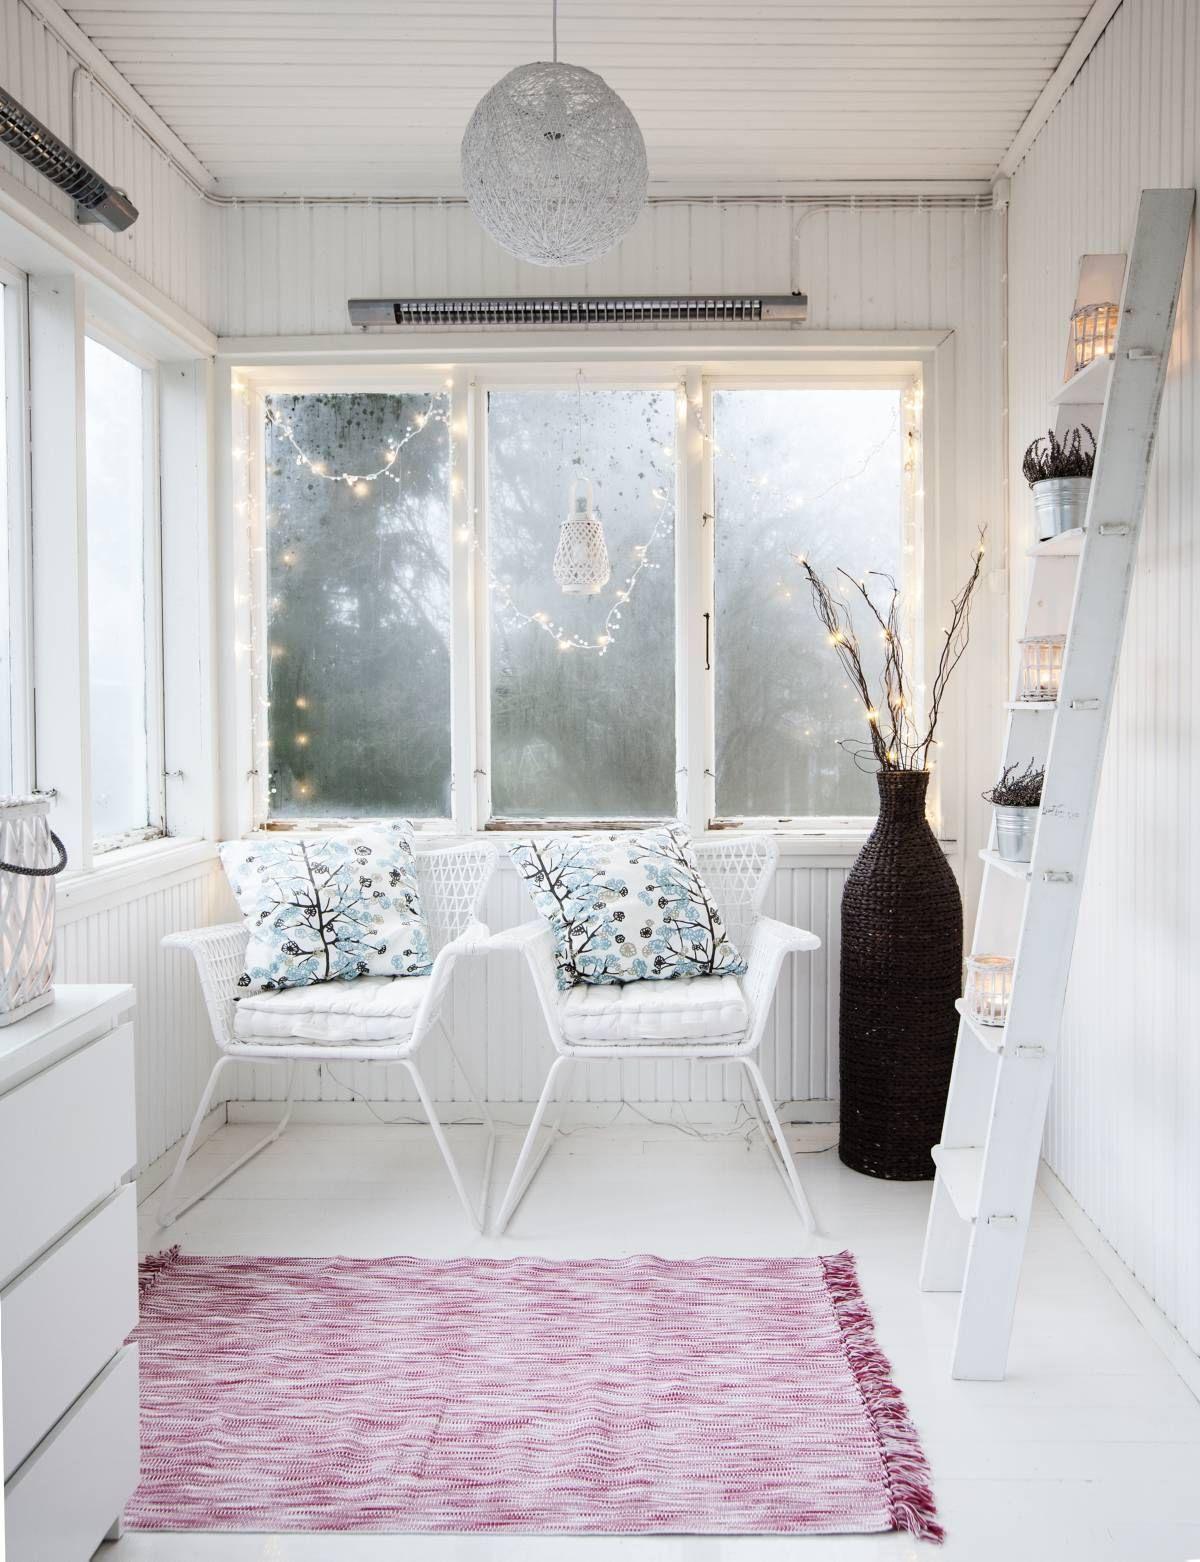 Kuistin tuolit ovat Ikeasta, tikkaat ja valaisin Kodin1:stä. – On tosi hienoa, että meillä on kuisti, jossa on alkuperäiset paneelit ja lautalattia, pariskunta iloitsee.